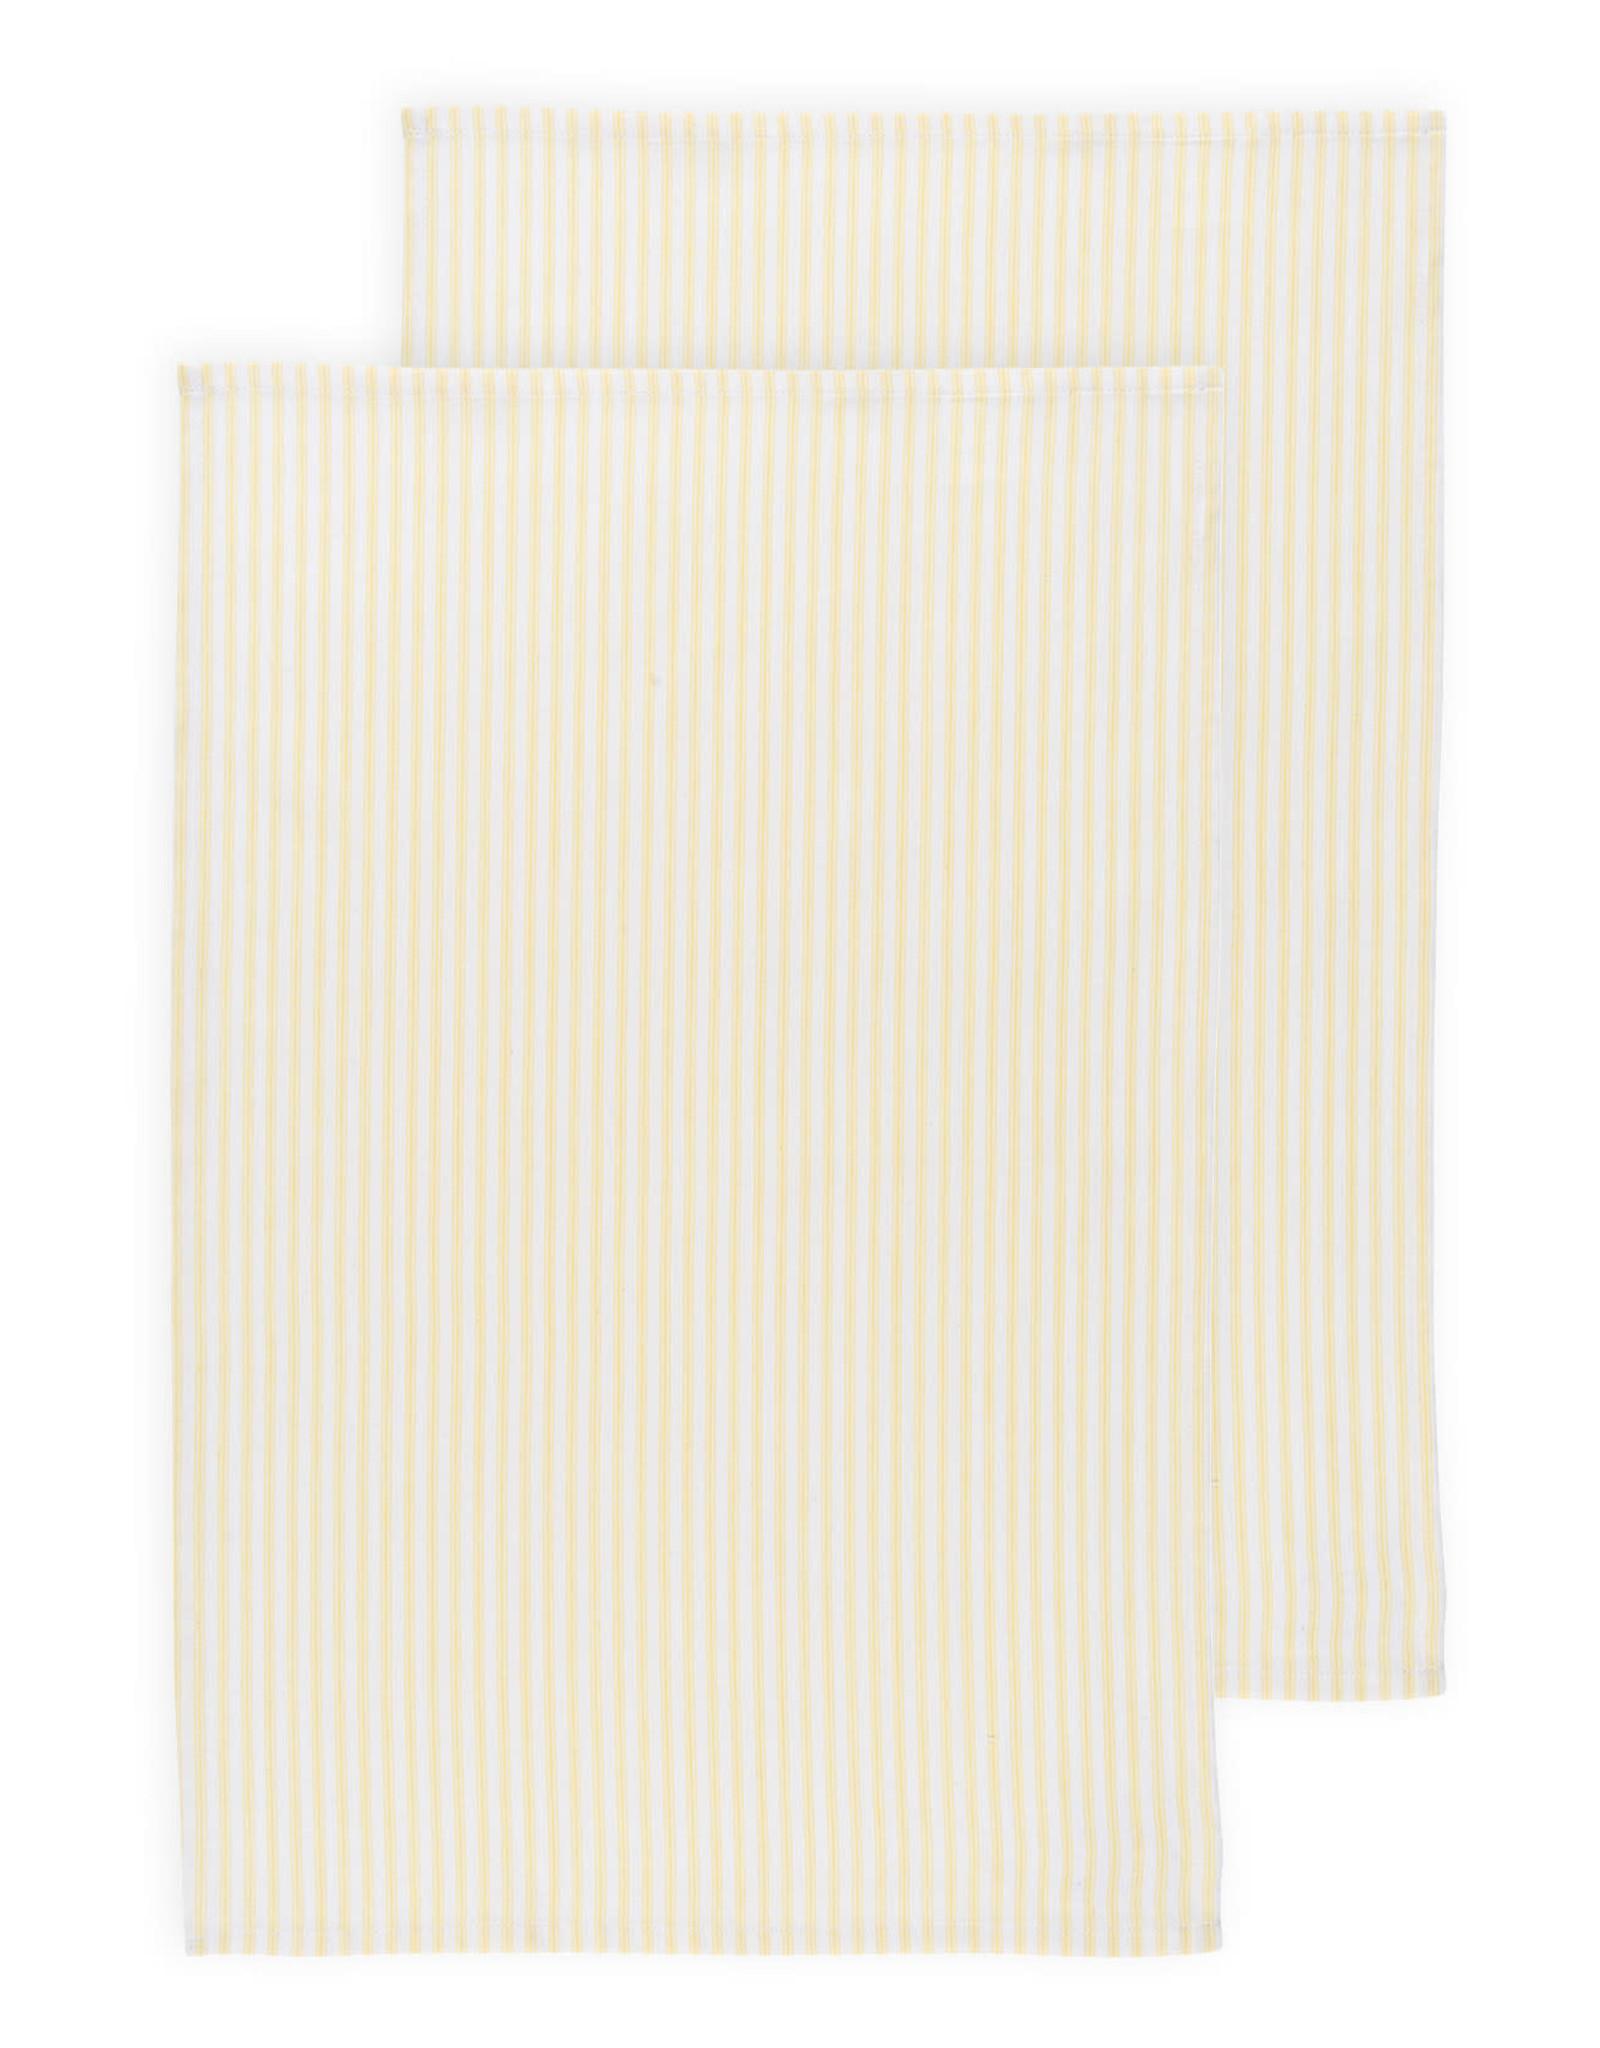 Danica Danica - Tea Towel 2 - Glass Towel